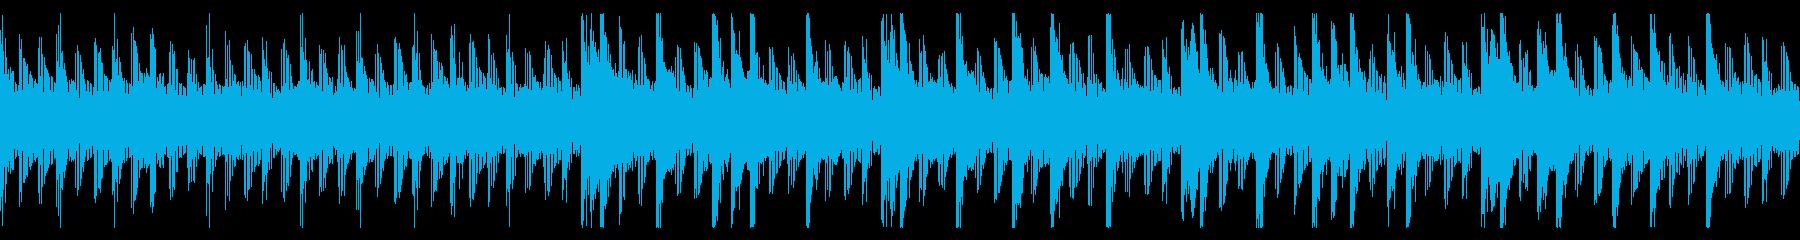 焦りや不安を感じるチップチューンBGMの再生済みの波形